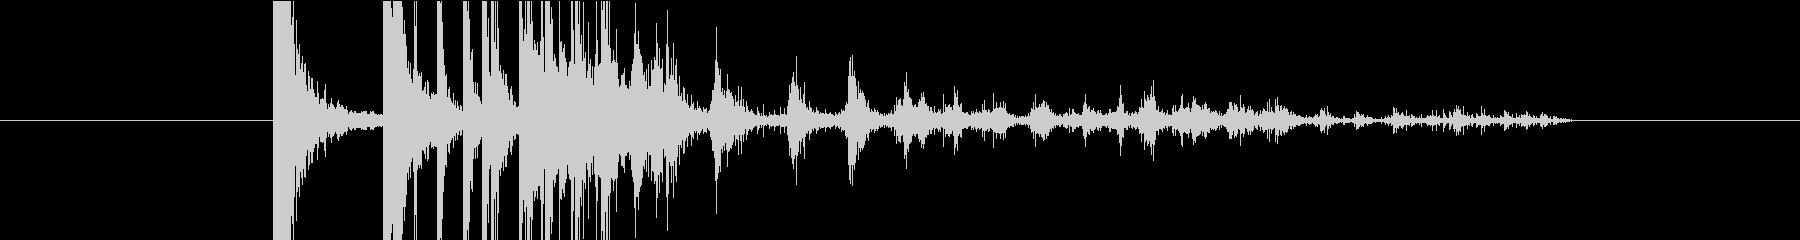 タンチャリリリーン(小銭、コイン)の未再生の波形